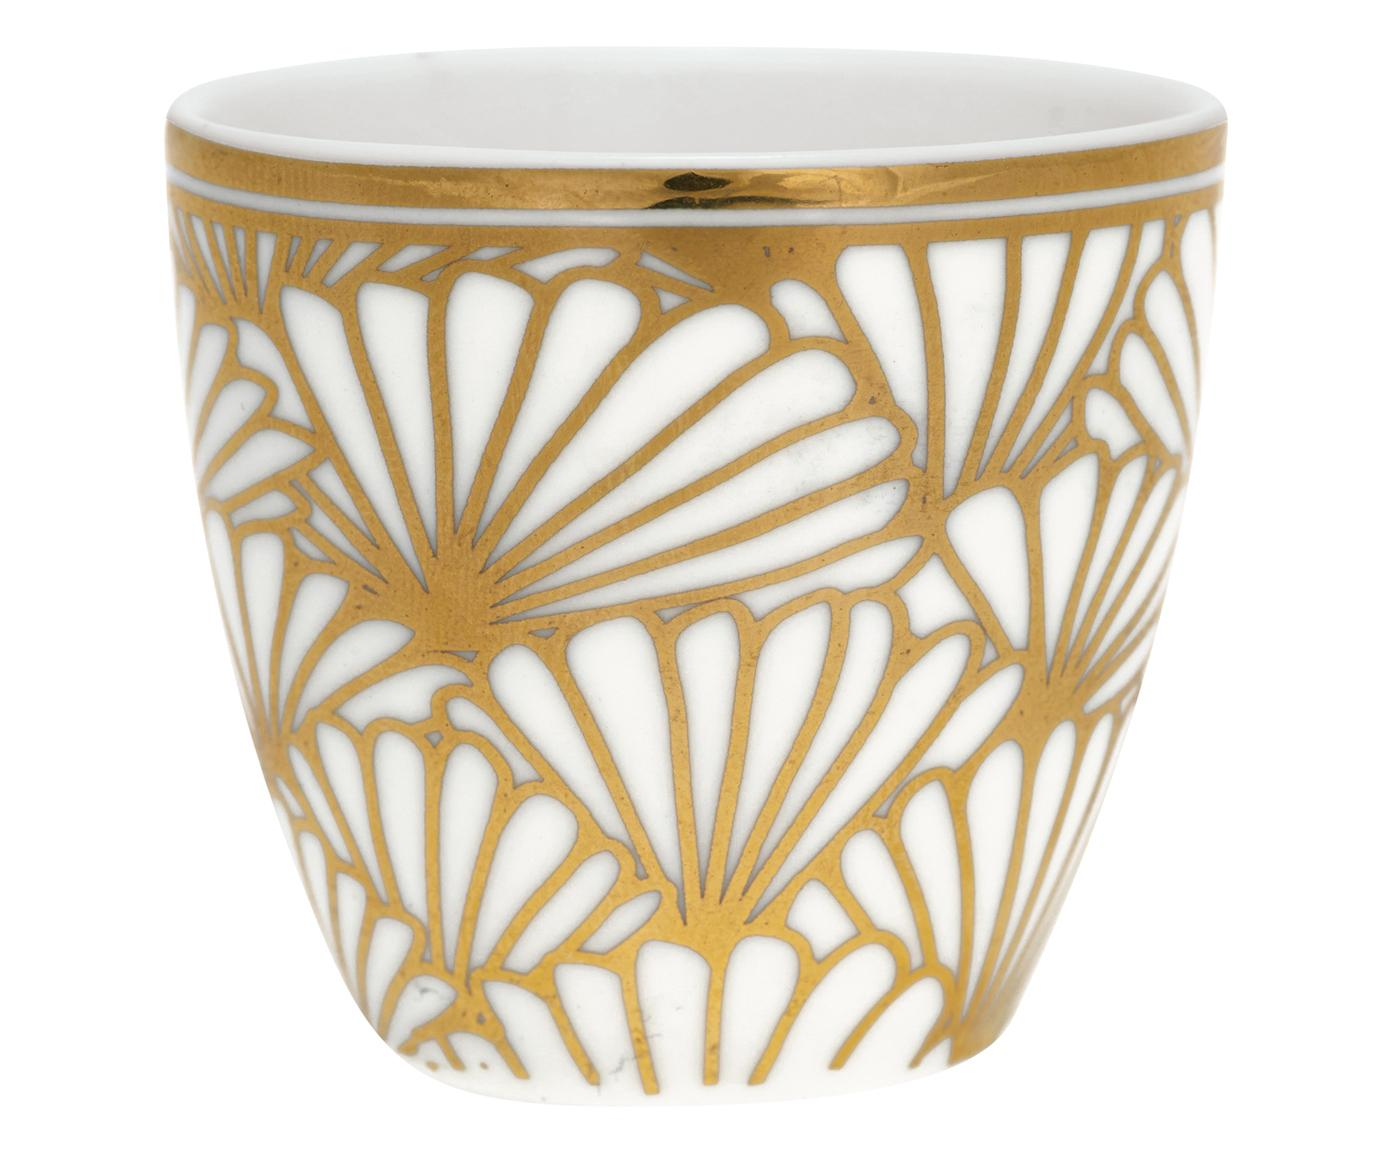 Portauova fatto a manoJacqueline, 6 pz., Terracotta, Bianco, dorato, Ø 4 x A 5 cm